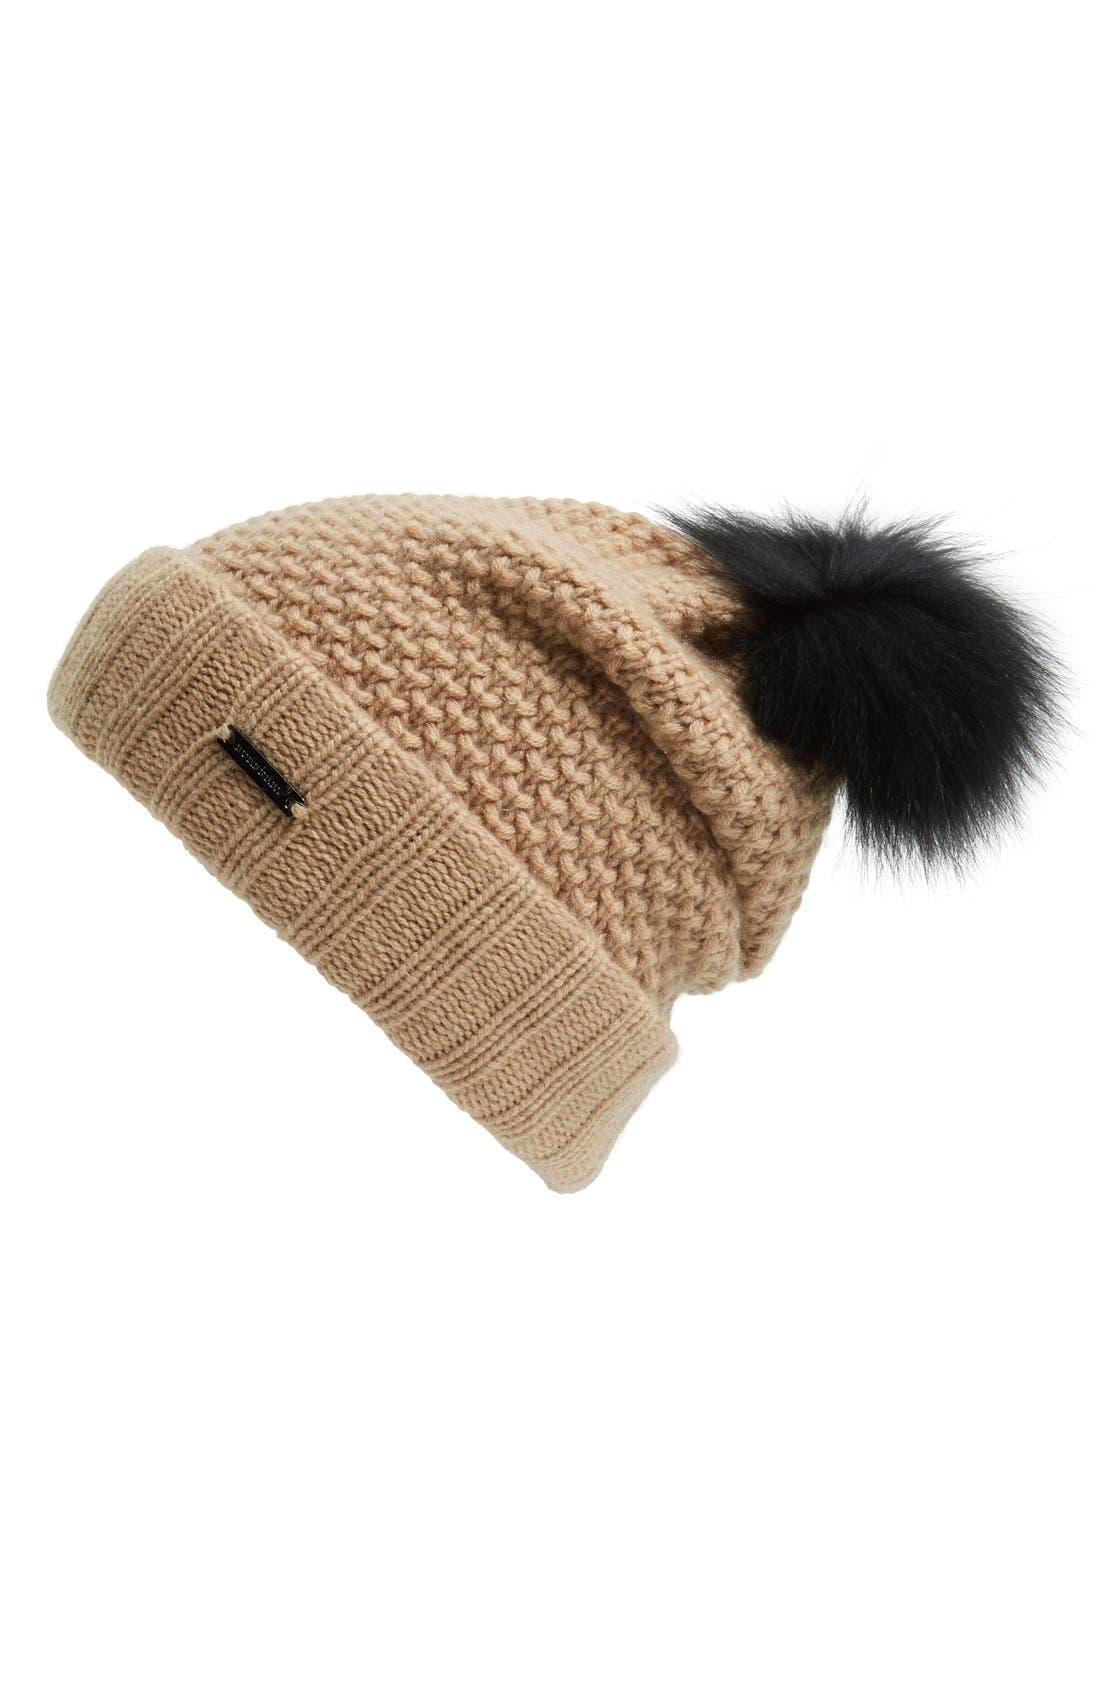 Main Image - Burberry Knit Wool & Cashmere Beanie with Genuine Fox Fur Pompom